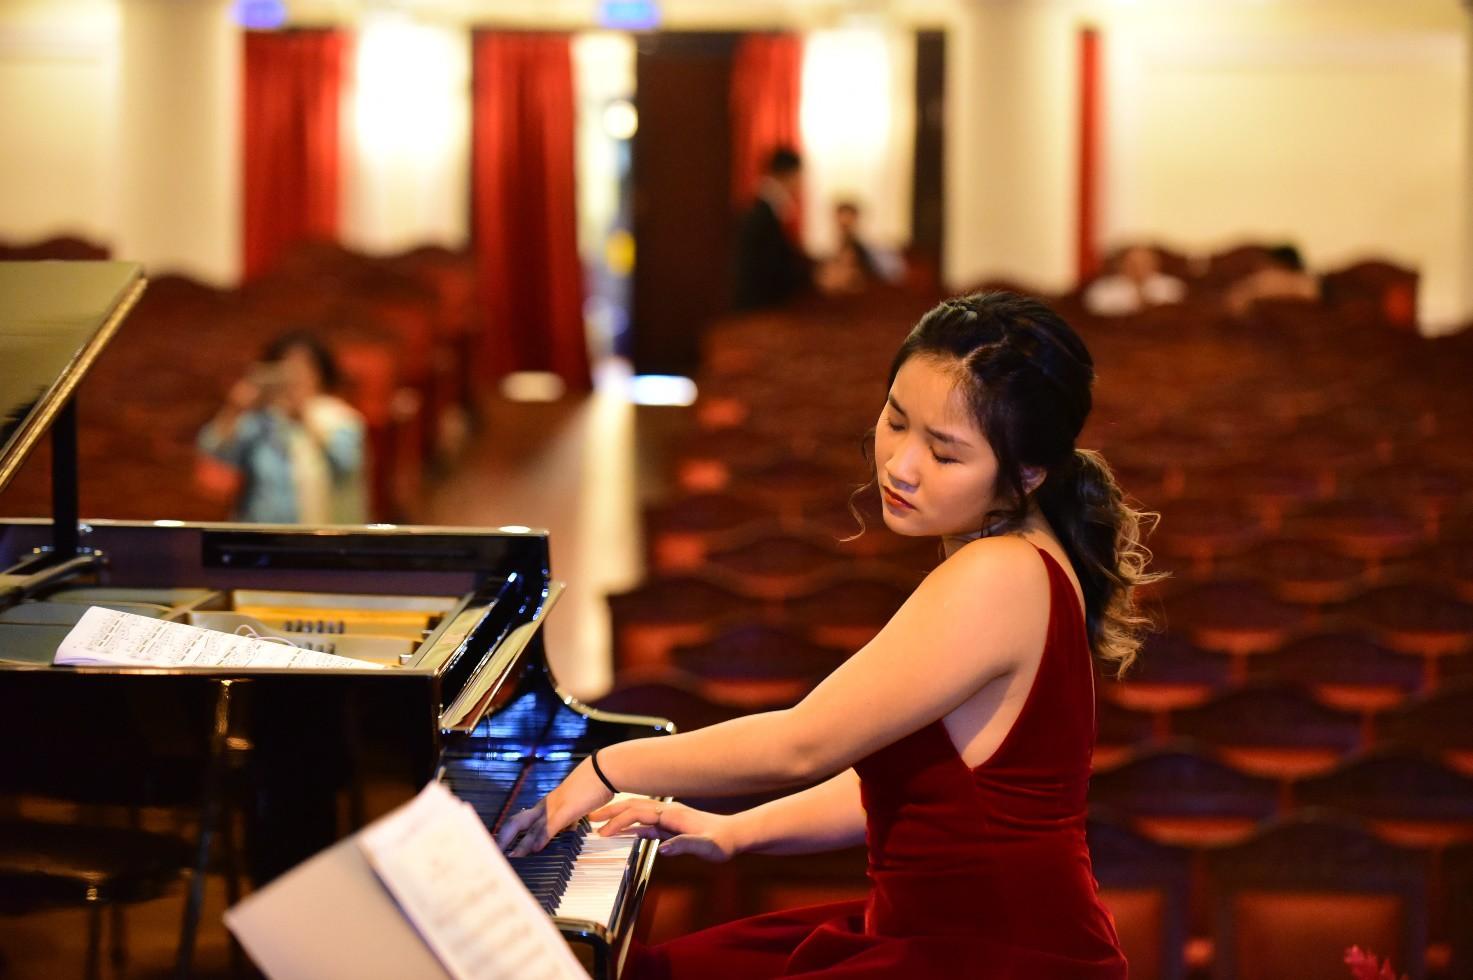 Acecook Việt Nam đem nhạc giao hưởng đến gần công chúng: đường dài lan toả hạnh phúc - Ảnh 7.